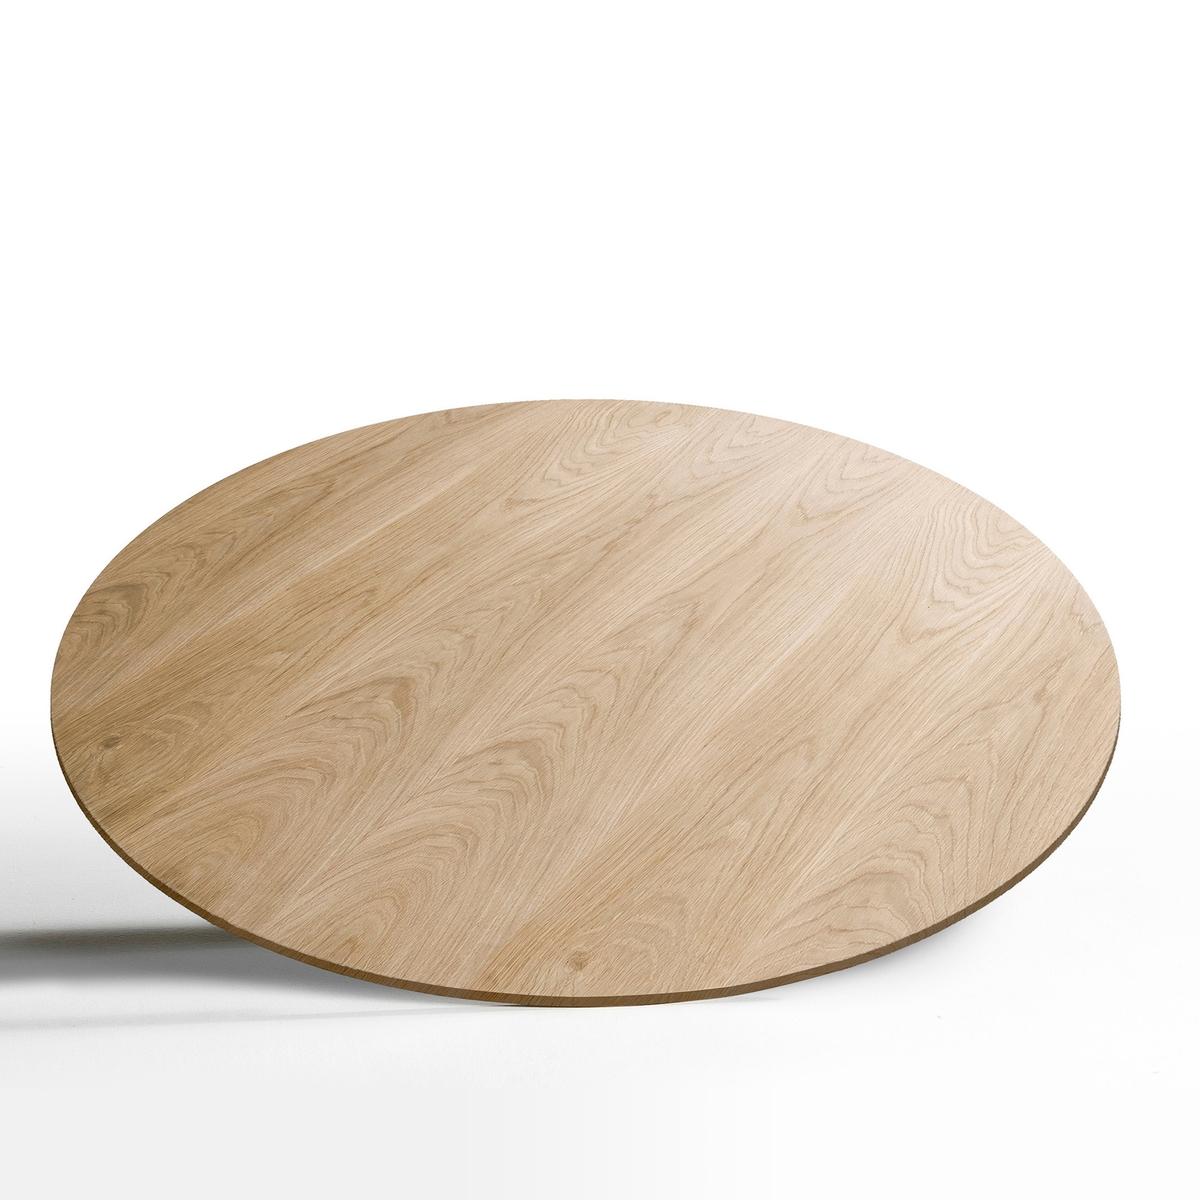 Столешница, диаметр 120 см, HisiaСтолешница Hisia. Сочетается с металлической ножкой в форме тюльпана Hisia, представленной на нашем сайте.Характеристики:Столешница из МДФ, покрытого дубовым шпоном, натуральных цветов или краска под орех.Размеры:диаметр 120 см.Размеры и вес упаковки:141 x 4 x 141 см, 21,5 кг Доставка на домВаш товар будет доставлен по назначению, прямо на этажВнимание! Пожалуйста, убедитесь, что упаковка пройдет через проемы (двери, лестницы, лифты)<br><br>Цвет: натуральный дуб